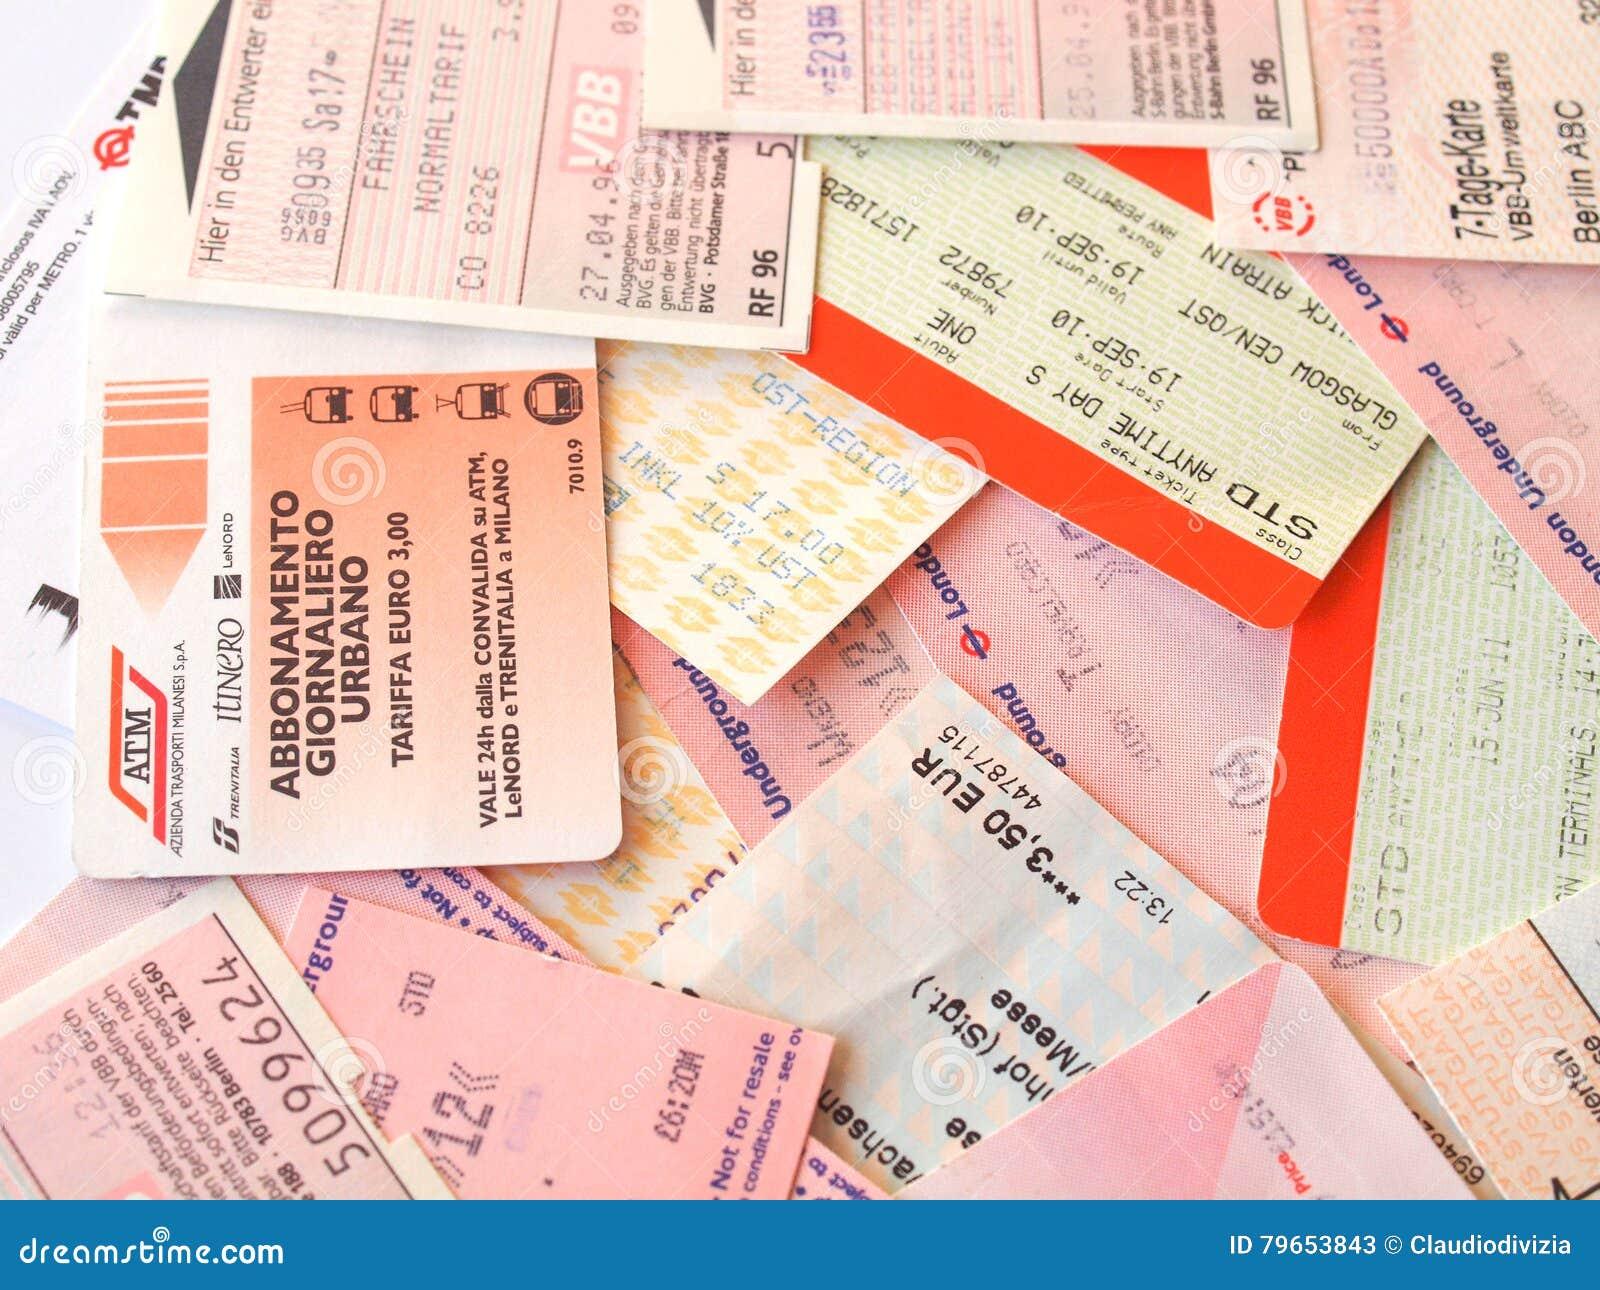 online store 846d6 c8d5d Biglietti Di Trasporto Pubblico Fotografia Stock Editoriale ...